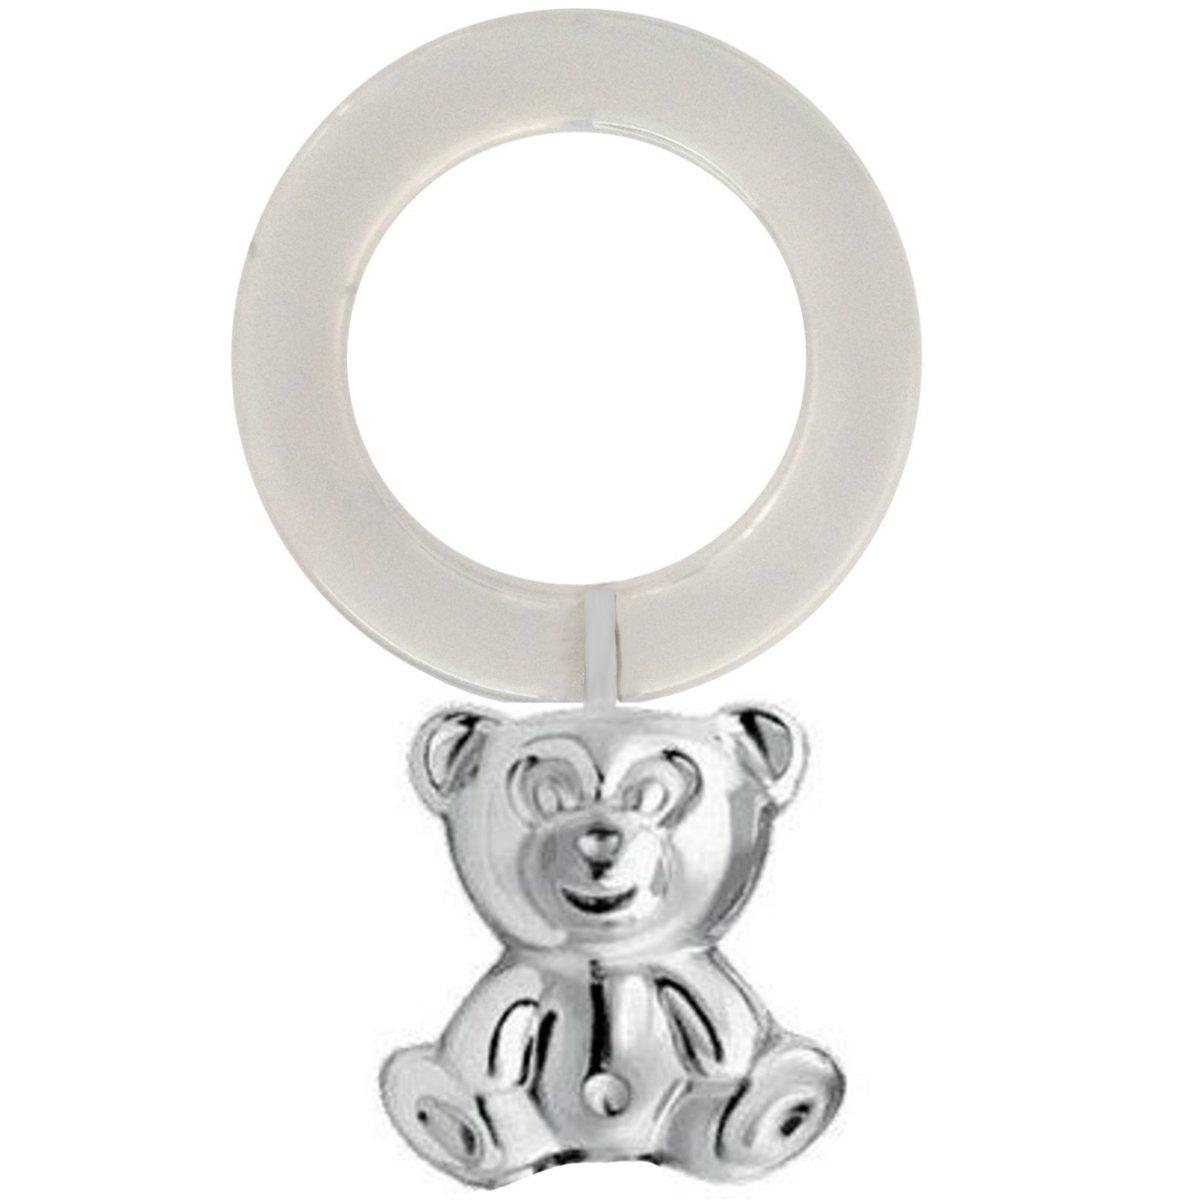 925 Silber Sterling Babyrassel Bär 10 cm. Für Kinder zur Geburt oder Taufe silberkanne